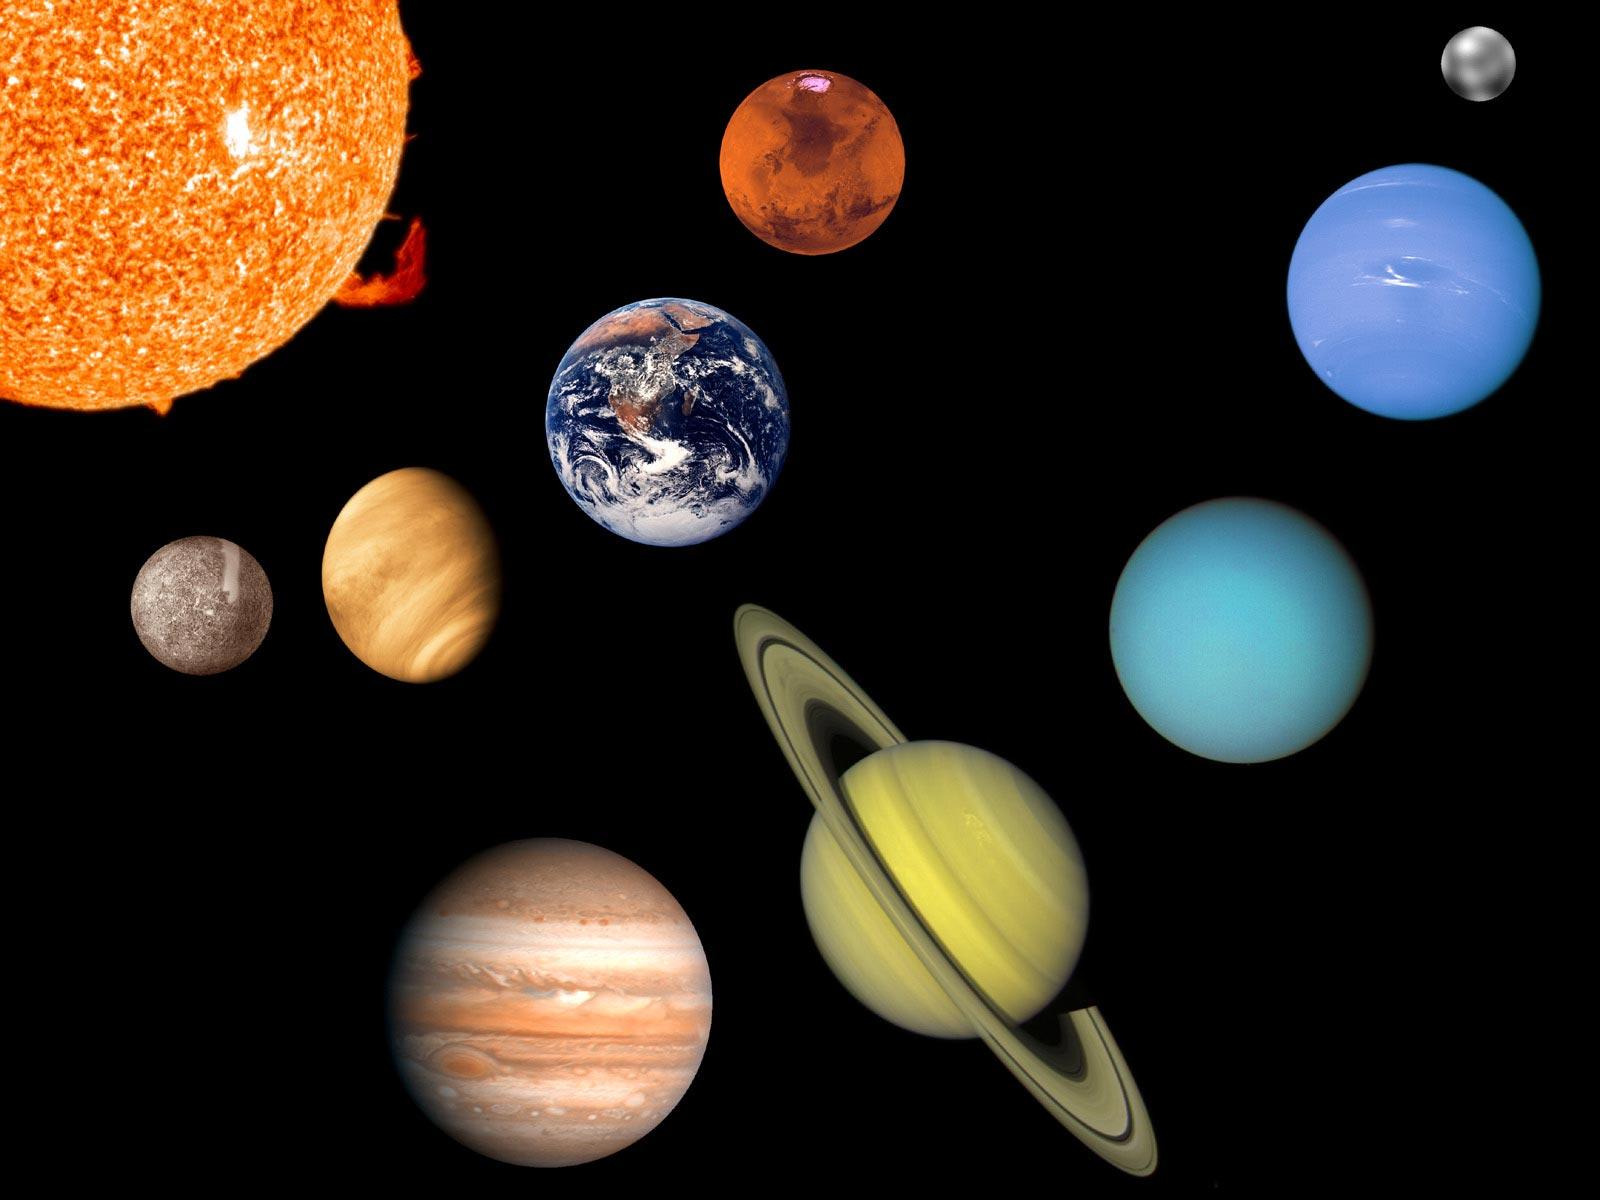 Картинки планет нашей солнечной систем